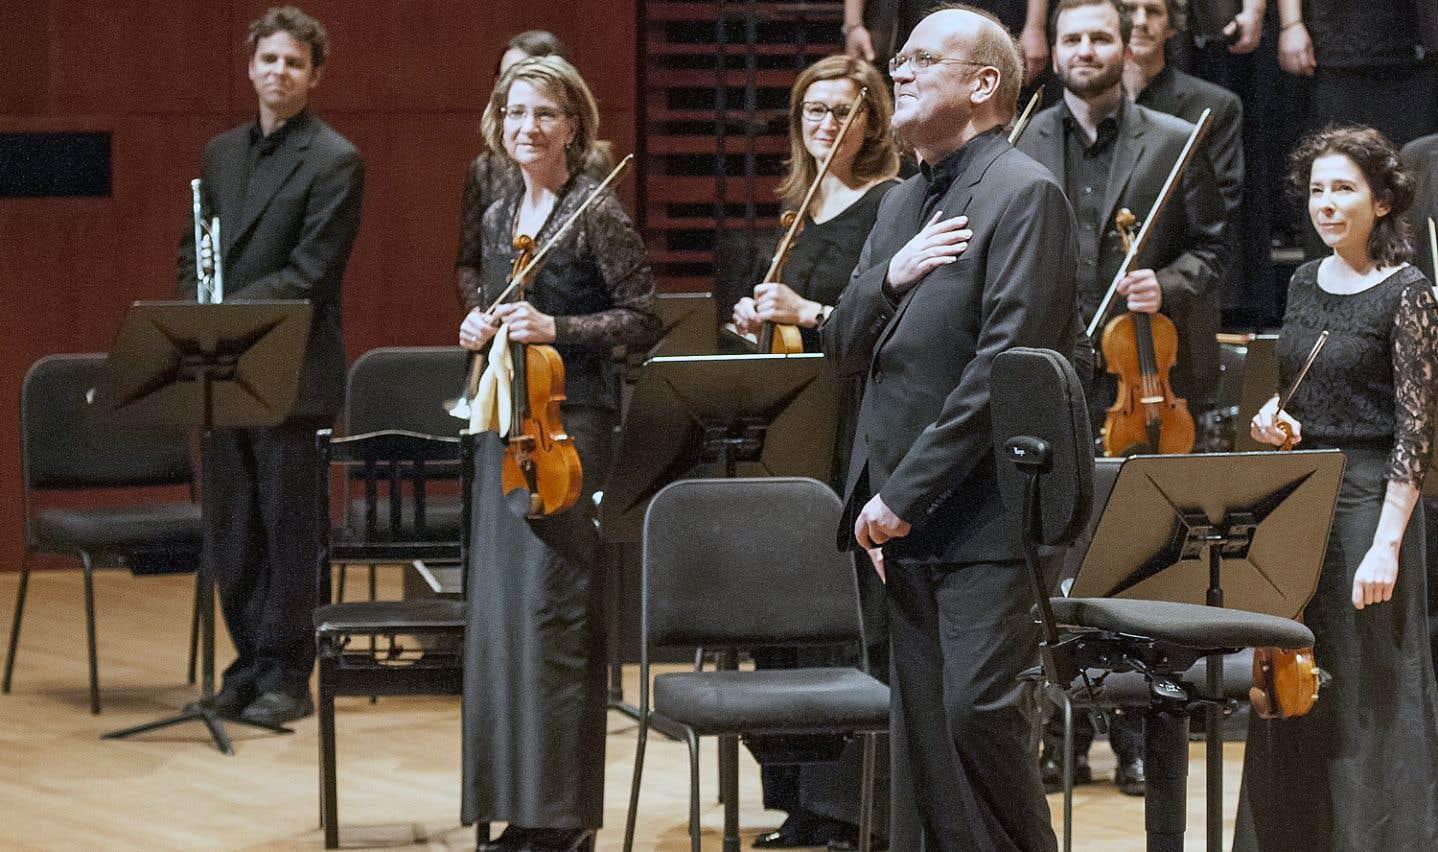 Christoph campestrini conteur jovial et enthousiaste le - Conteur d abonne ...